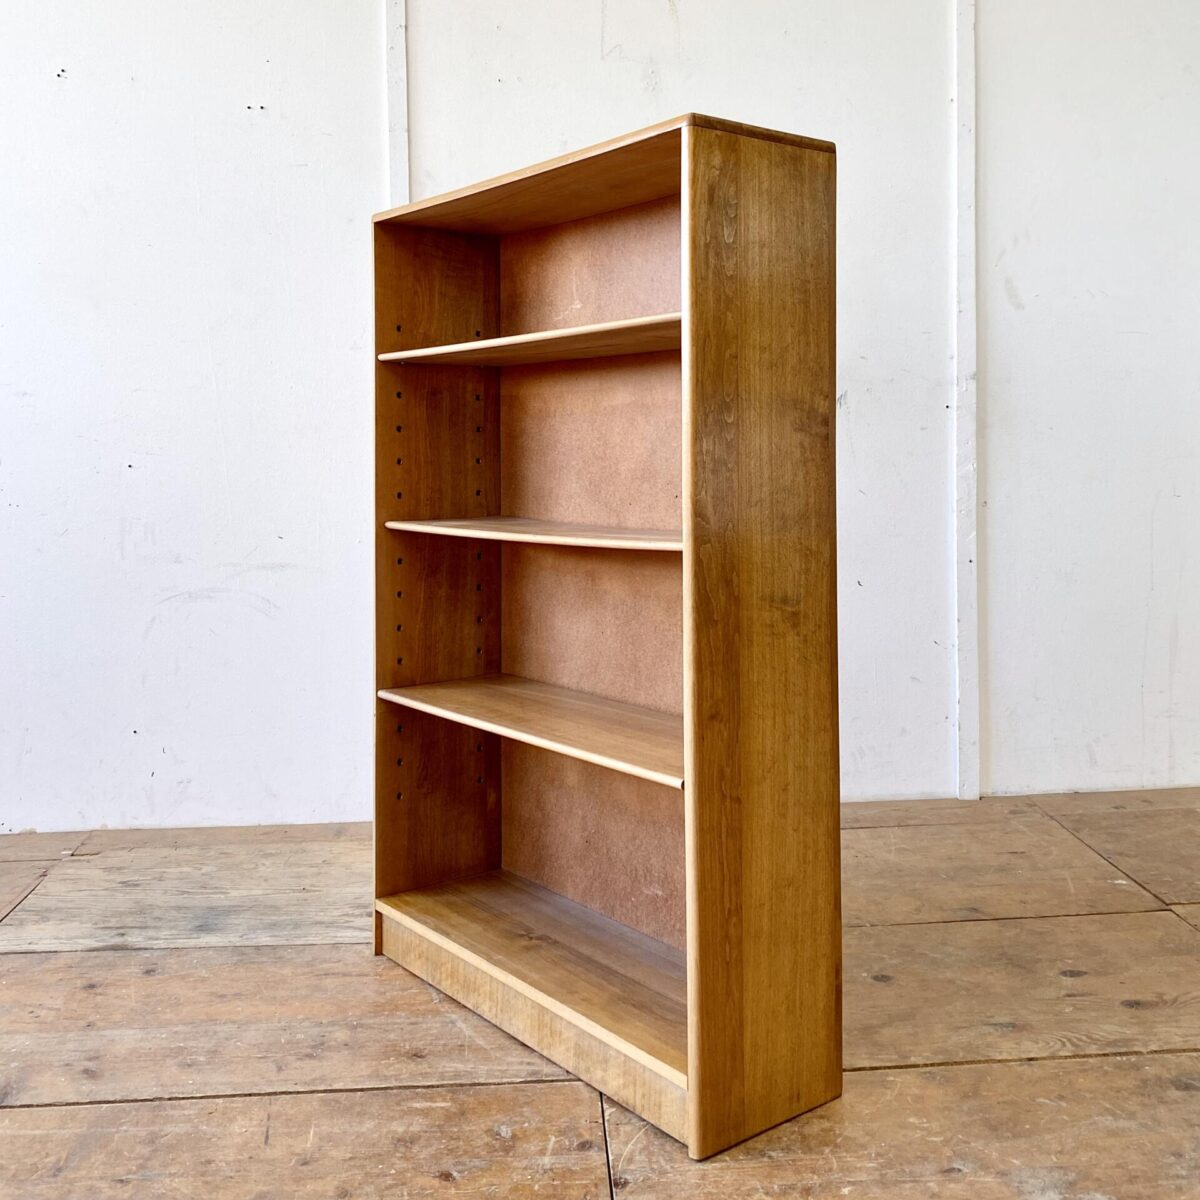 Deuxieme.shop midcentury book shelf. Simple Bücherregale aus Buche Vollholz. 80x24.5cm Höhe 120cm. Je drei höhenverstellbare Tablare.